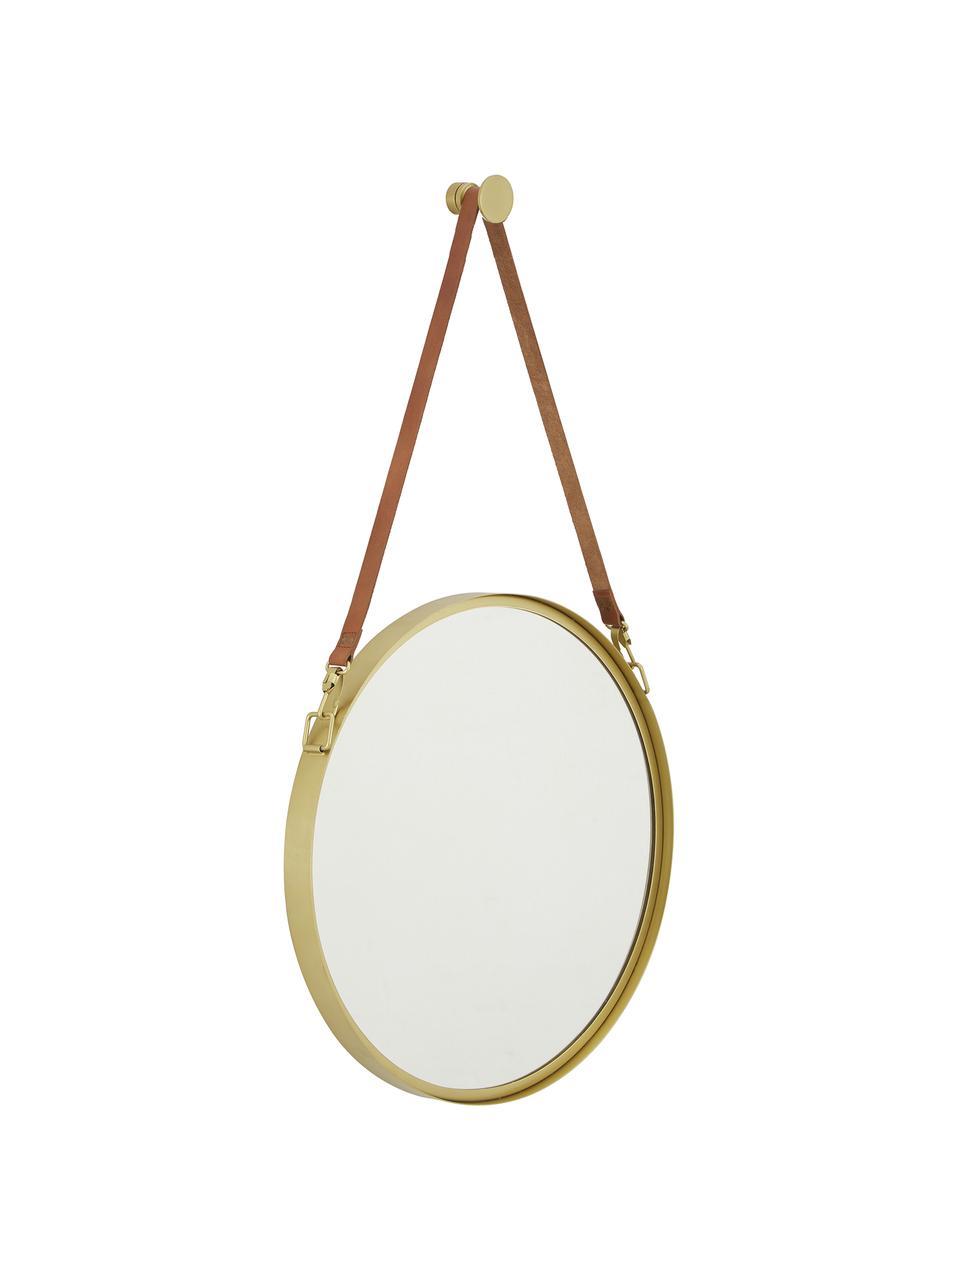 Specchio rotondo da parete con cinghia in pelle Liz, Superficie dello specchio: lastra di vetro, Retro: pannello di fibra a media, Oro, Ø 40 cm